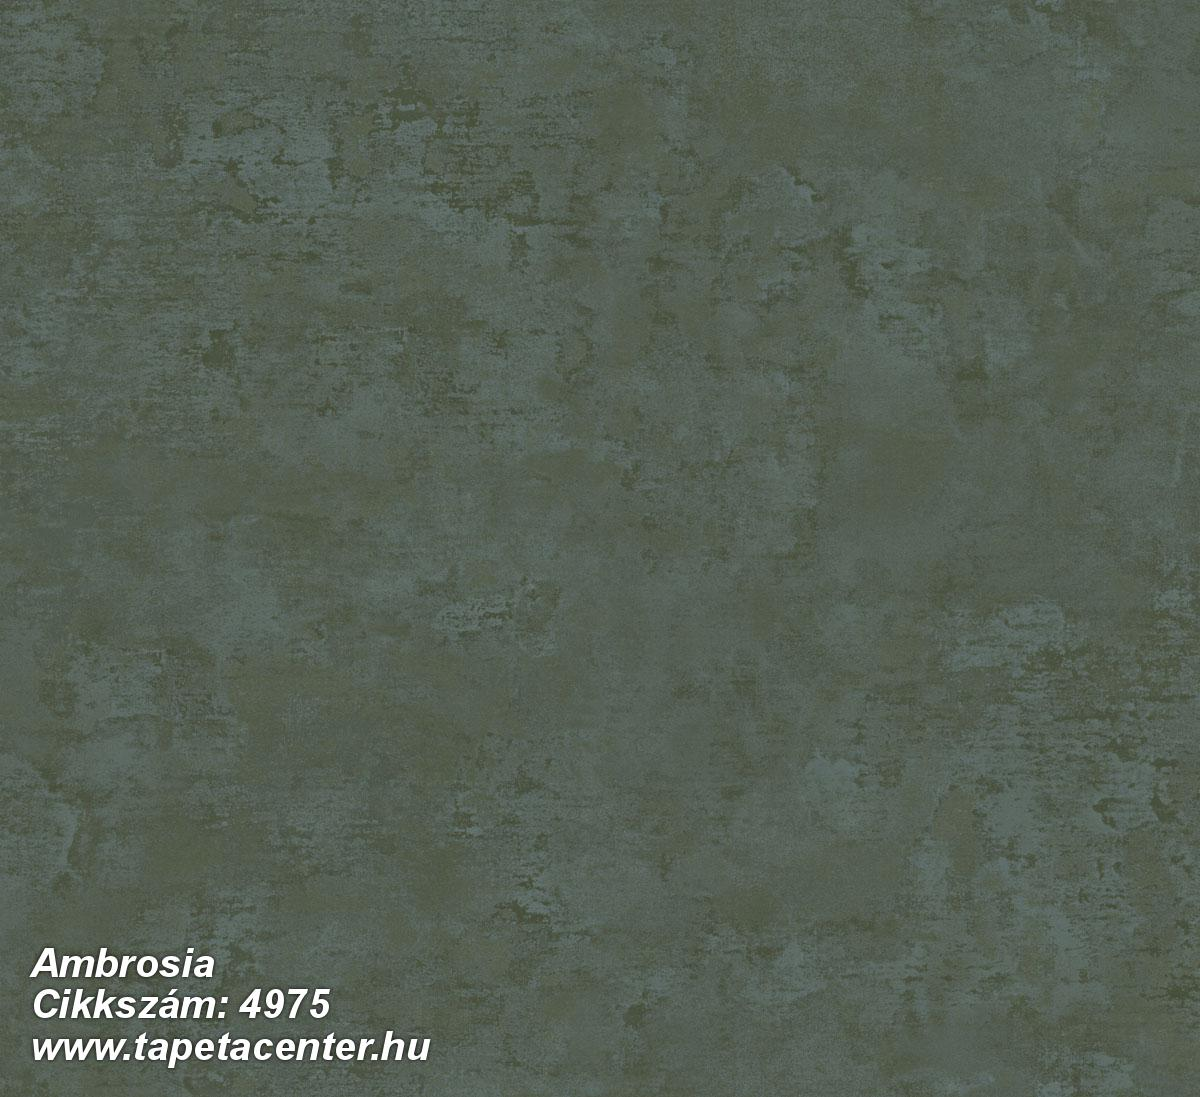 Barokk-klasszikus,kőhatású-kőmintás,szürke,zöld,súrolható,vlies tapéta